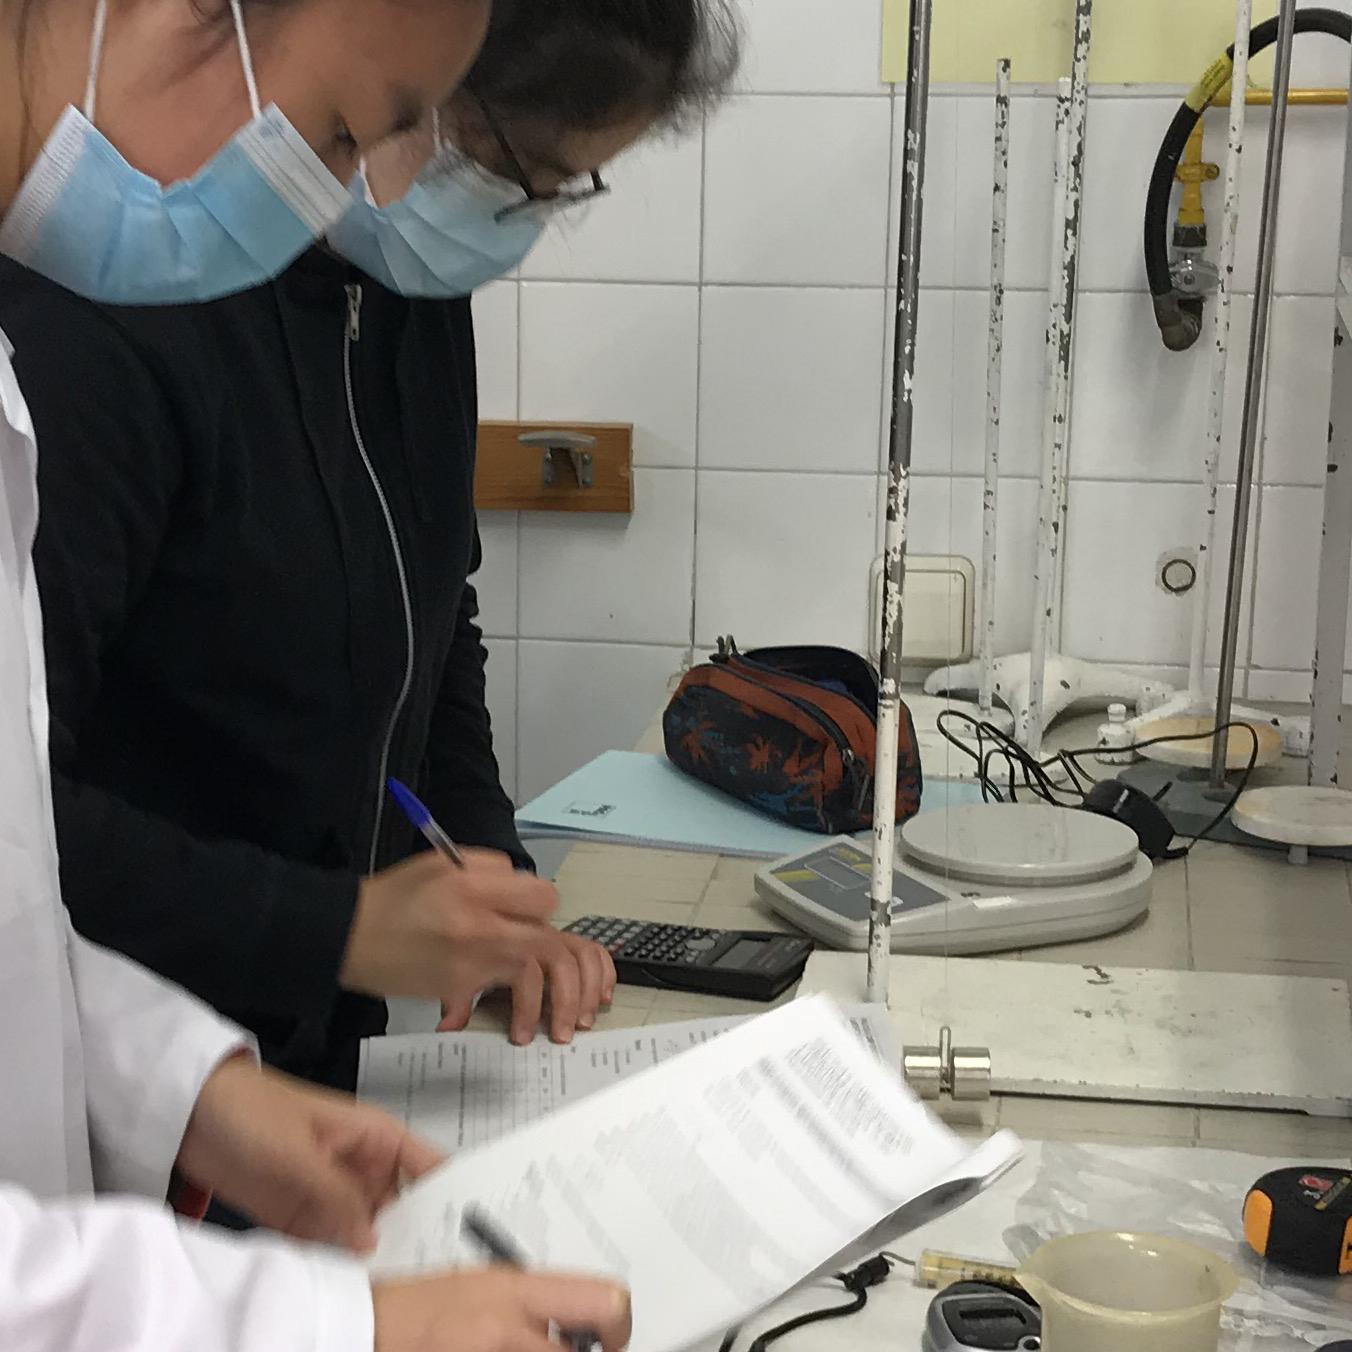 Fem física al laboratori!